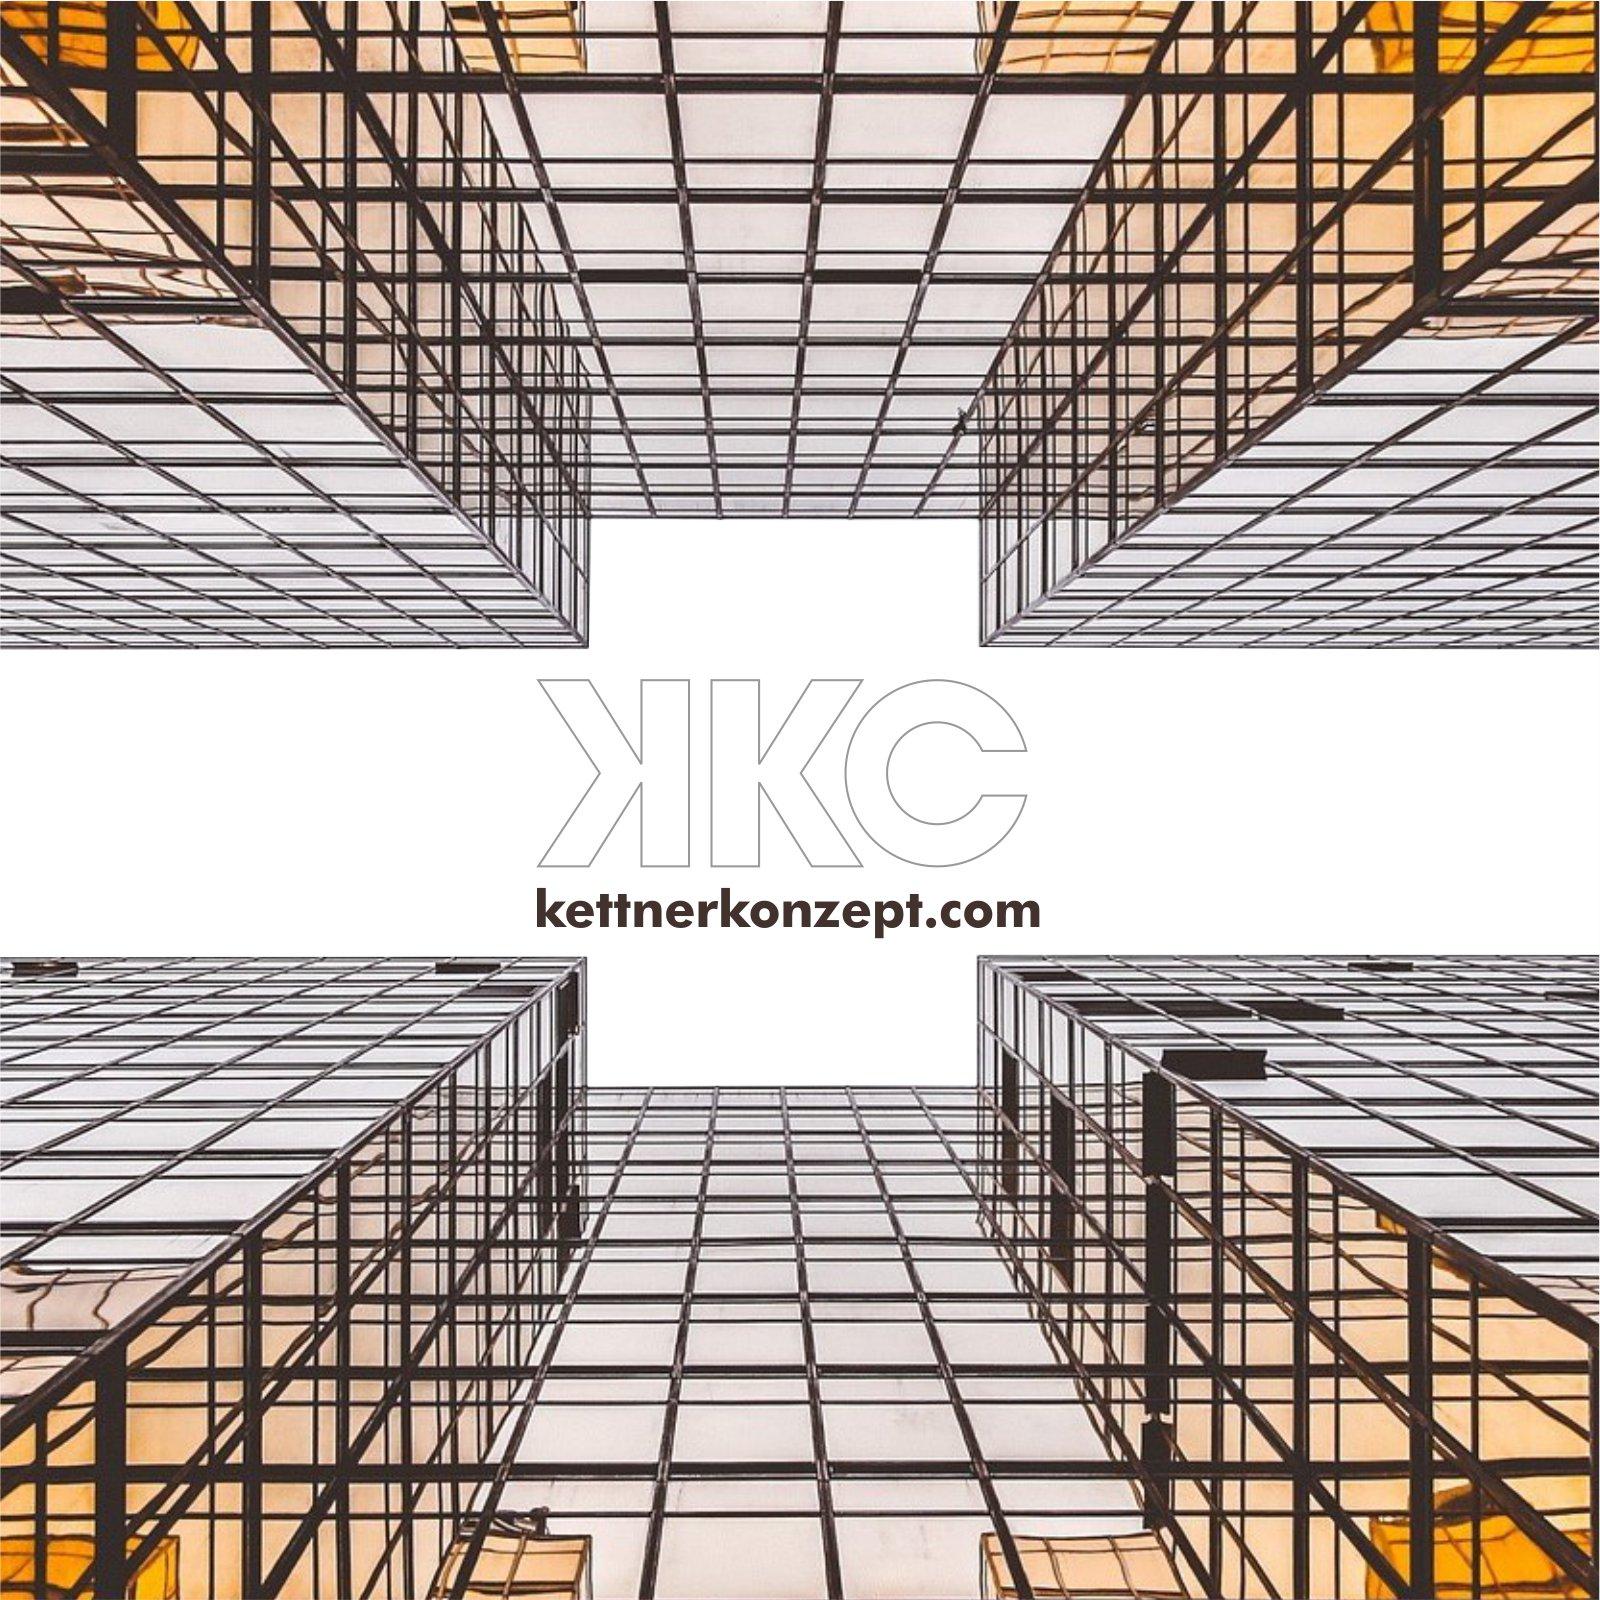 O-ZEN Portfolio Kettner Konzept Internetprasenz Slider Architektur Gebäude